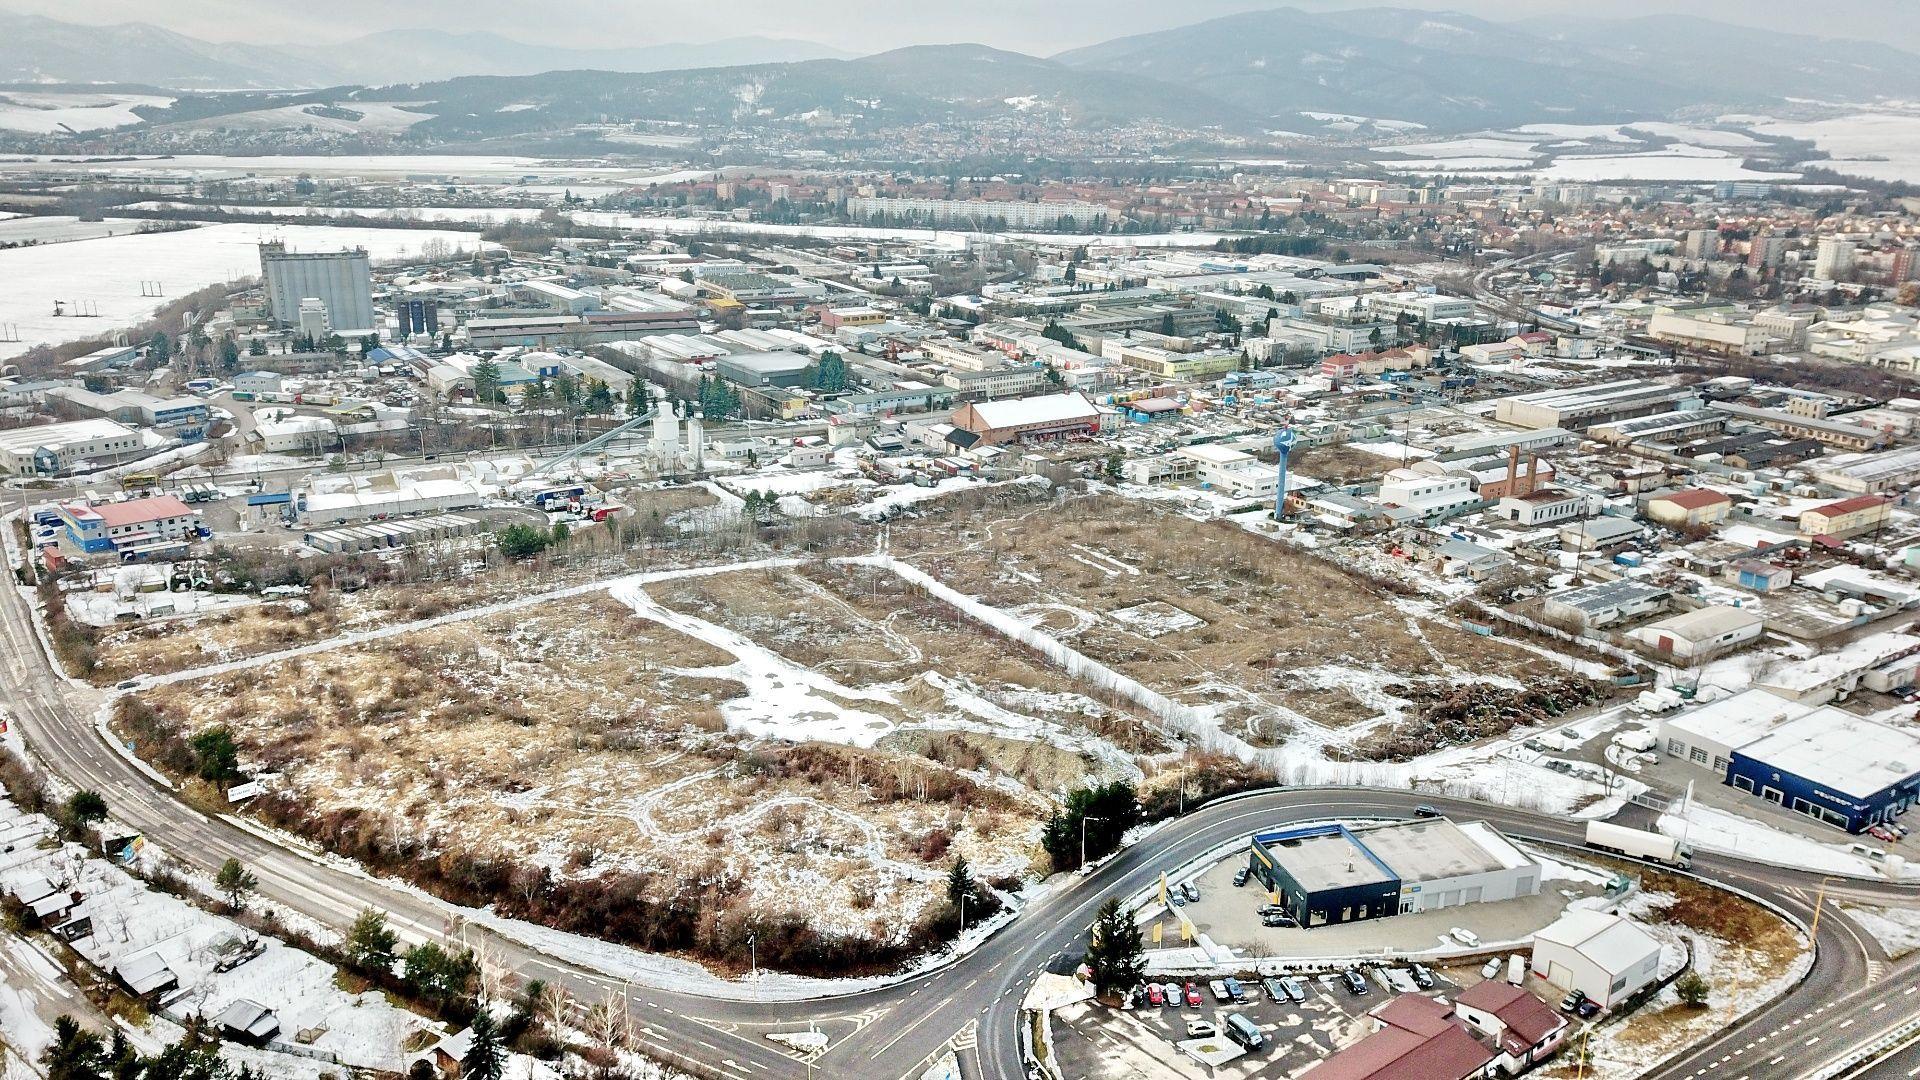 f01aff1fe Úvod Predaj Pozemky Prievidza Predaj Pozemky Prievidza komerčná zóna na  Predaj Prievidza